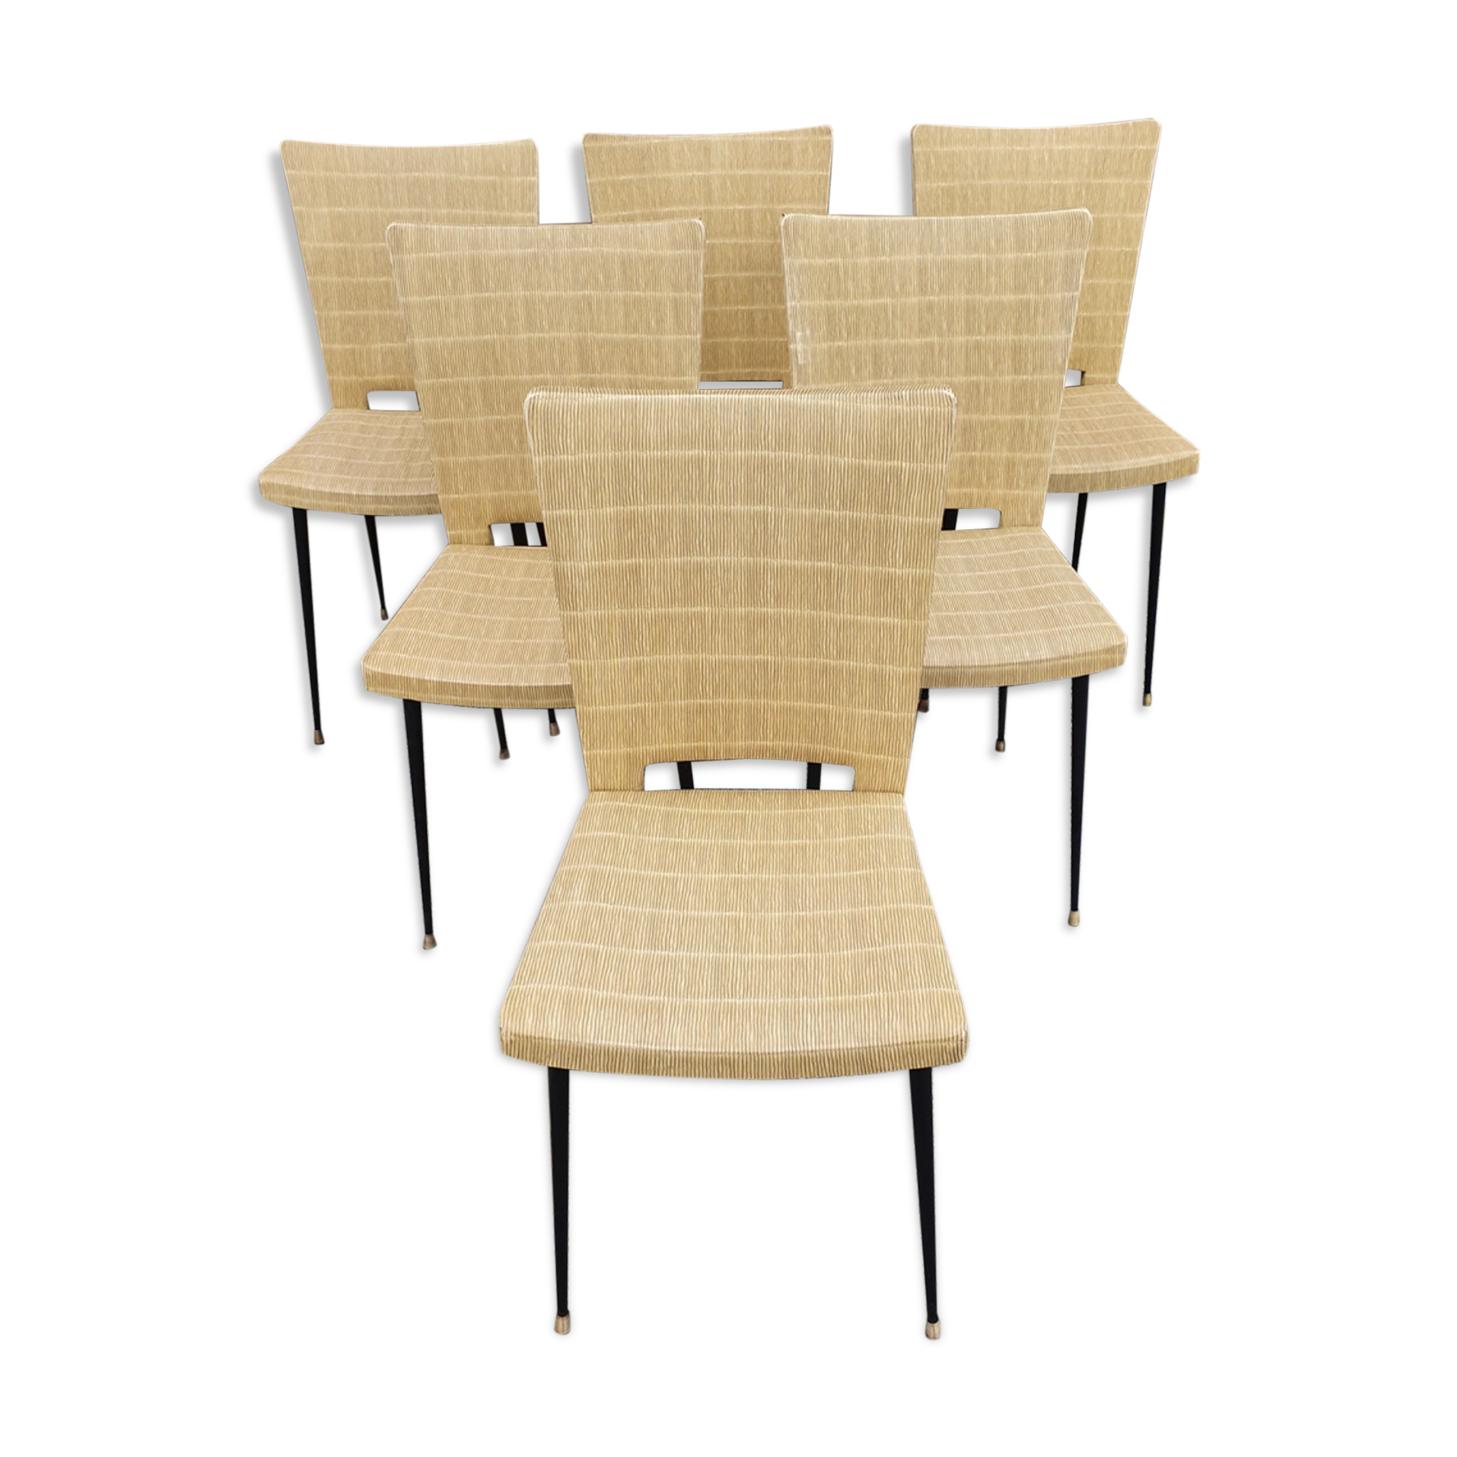 Lot de 6 chaises design skaï acier laiton, vintage, années 50